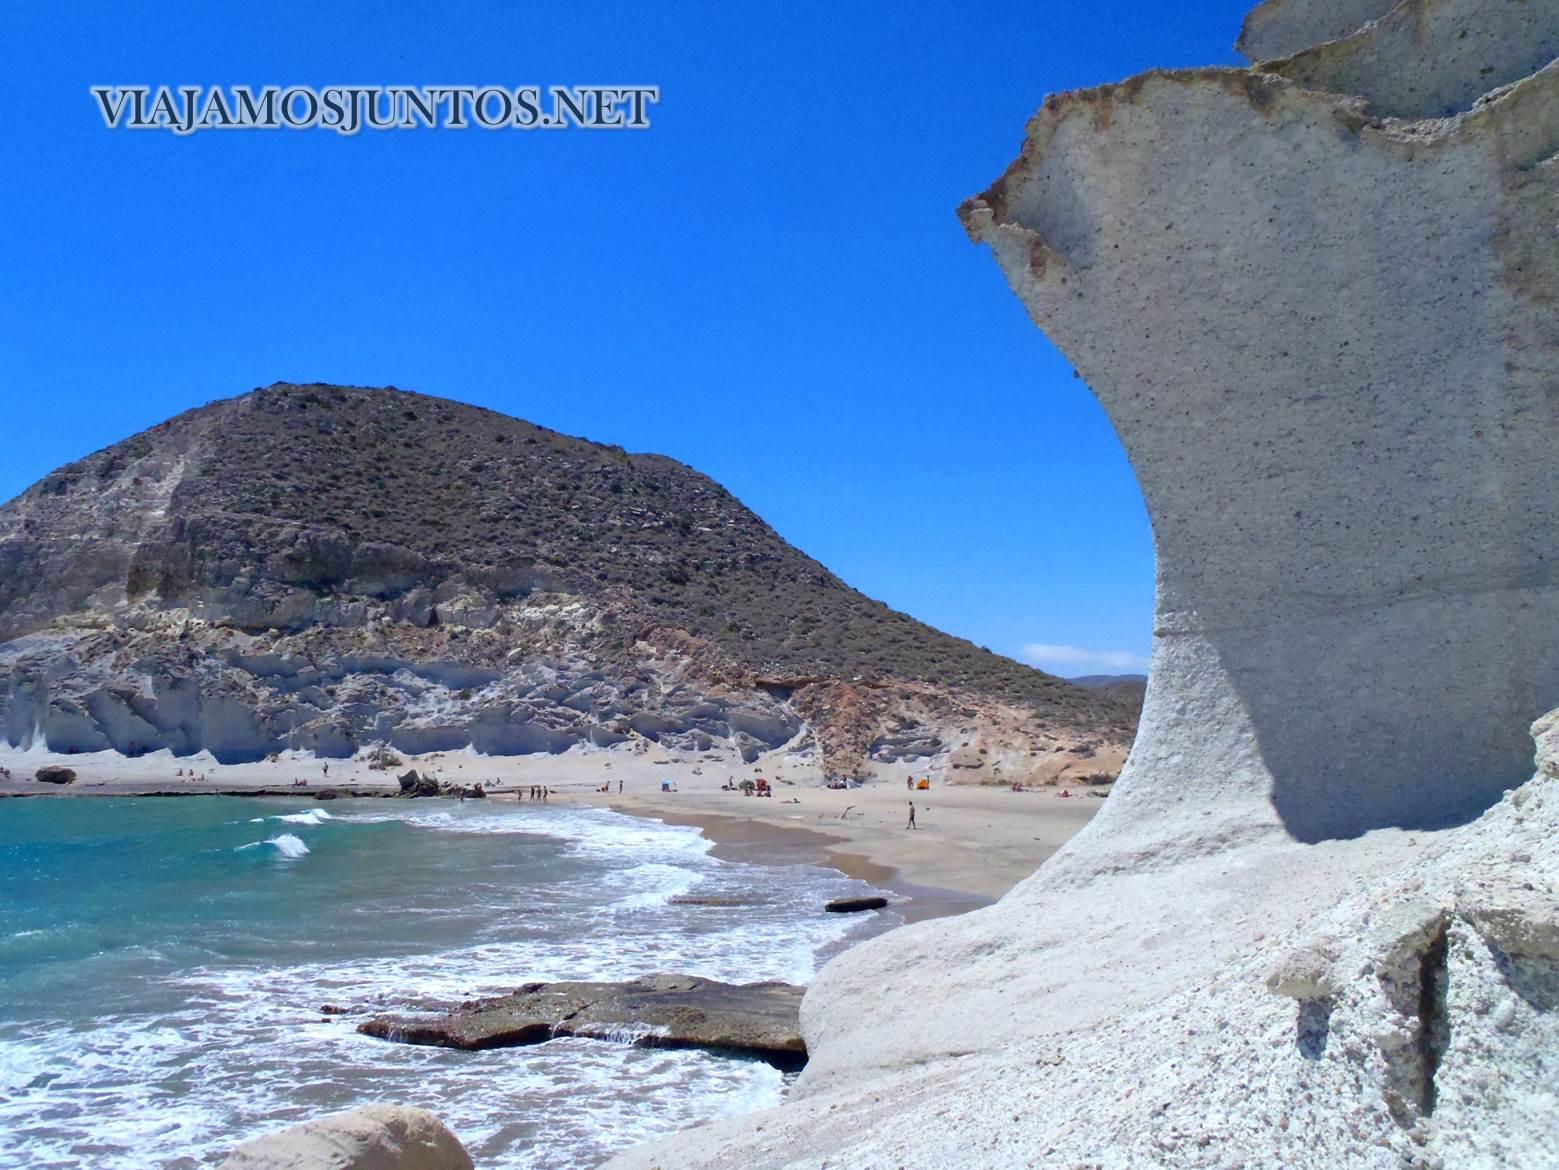 Fantasía en la playa Mejores playas de la Península Ibérica